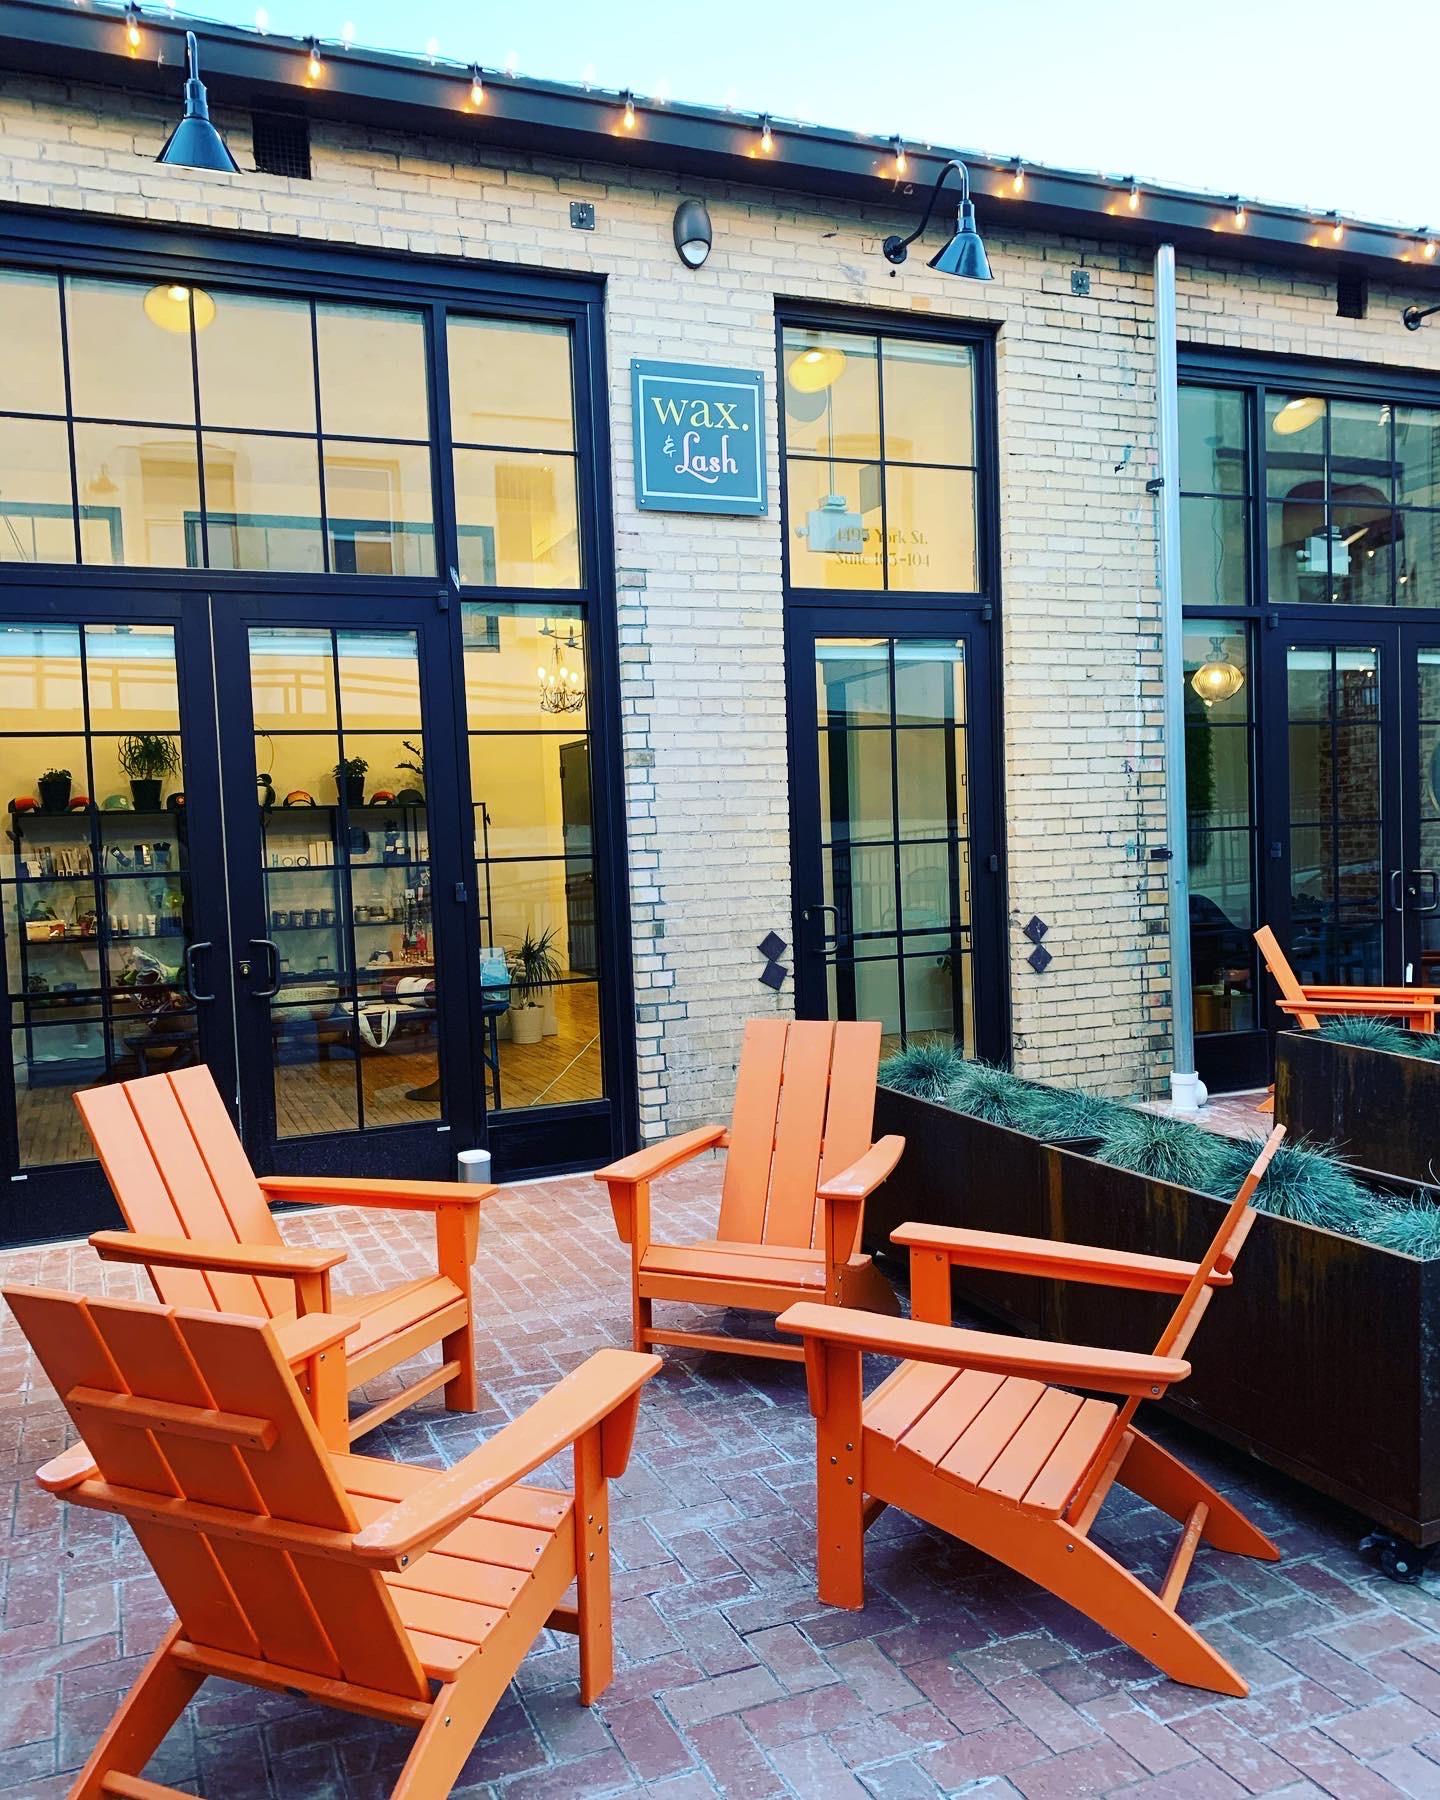 wax-lash-colfax-denver-entrance-outdoor-patio